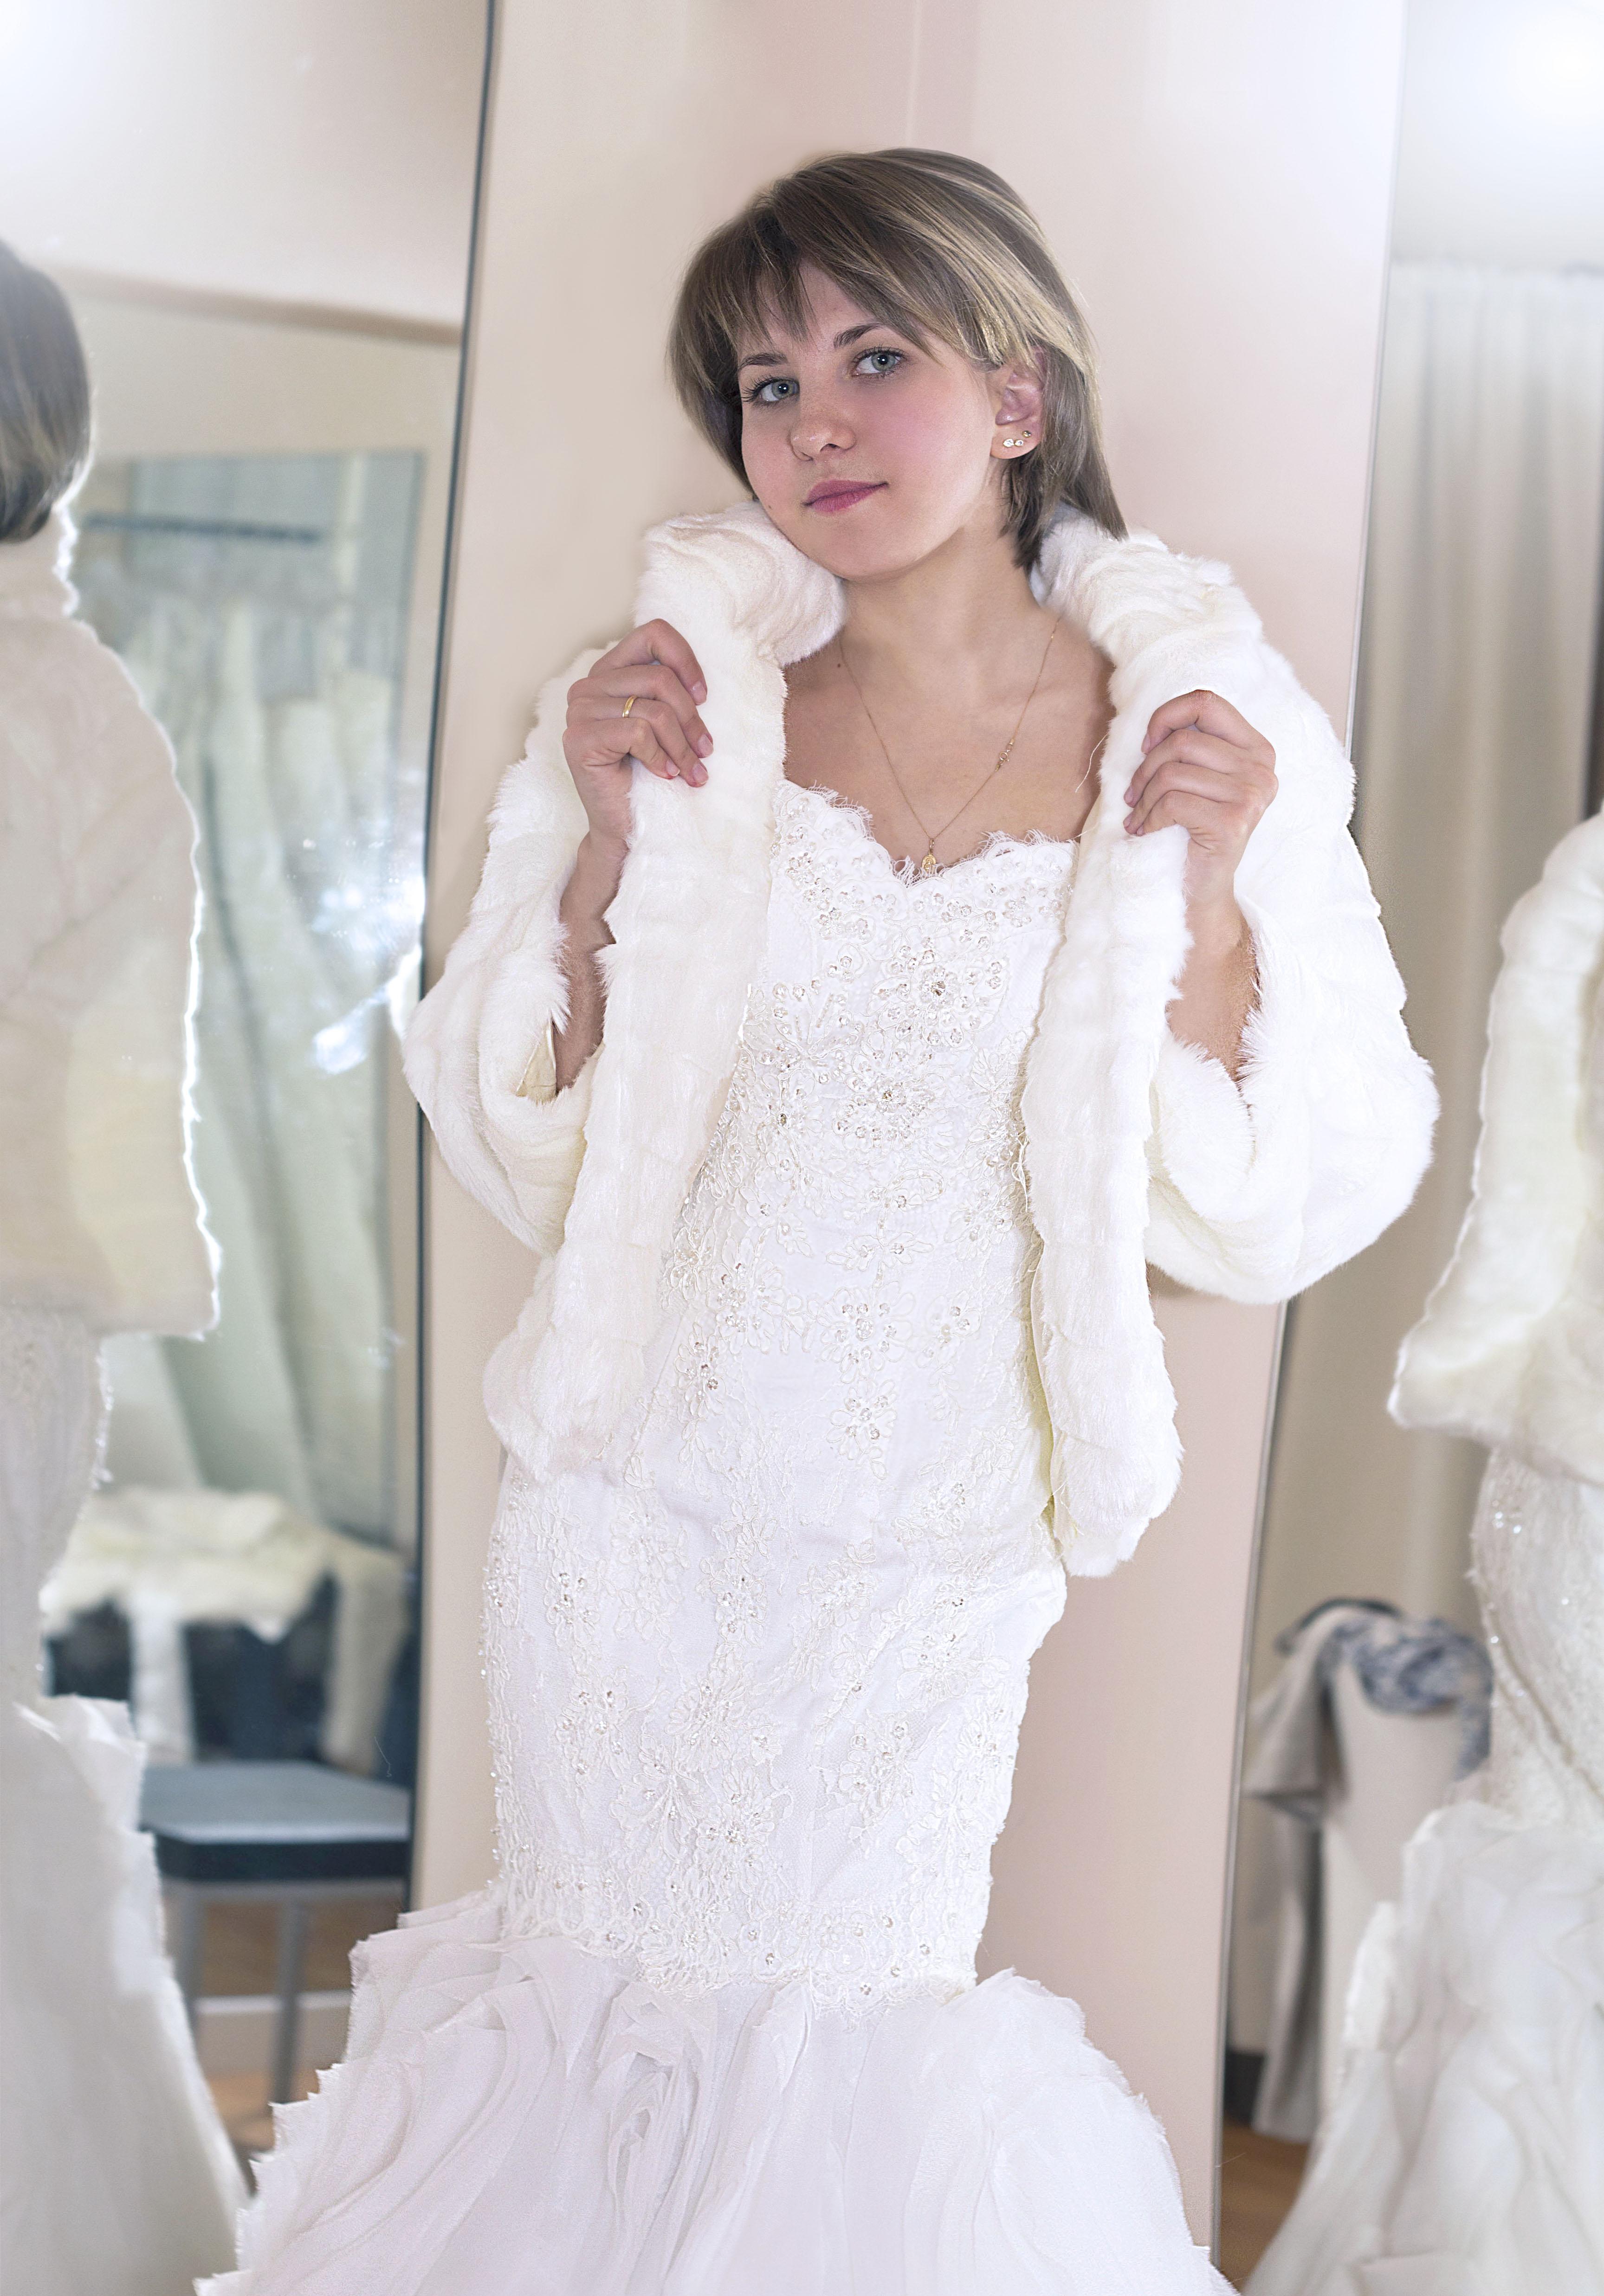 4 ideas Innovias para abrigar tu vestido de novia de alquiler | Innovias